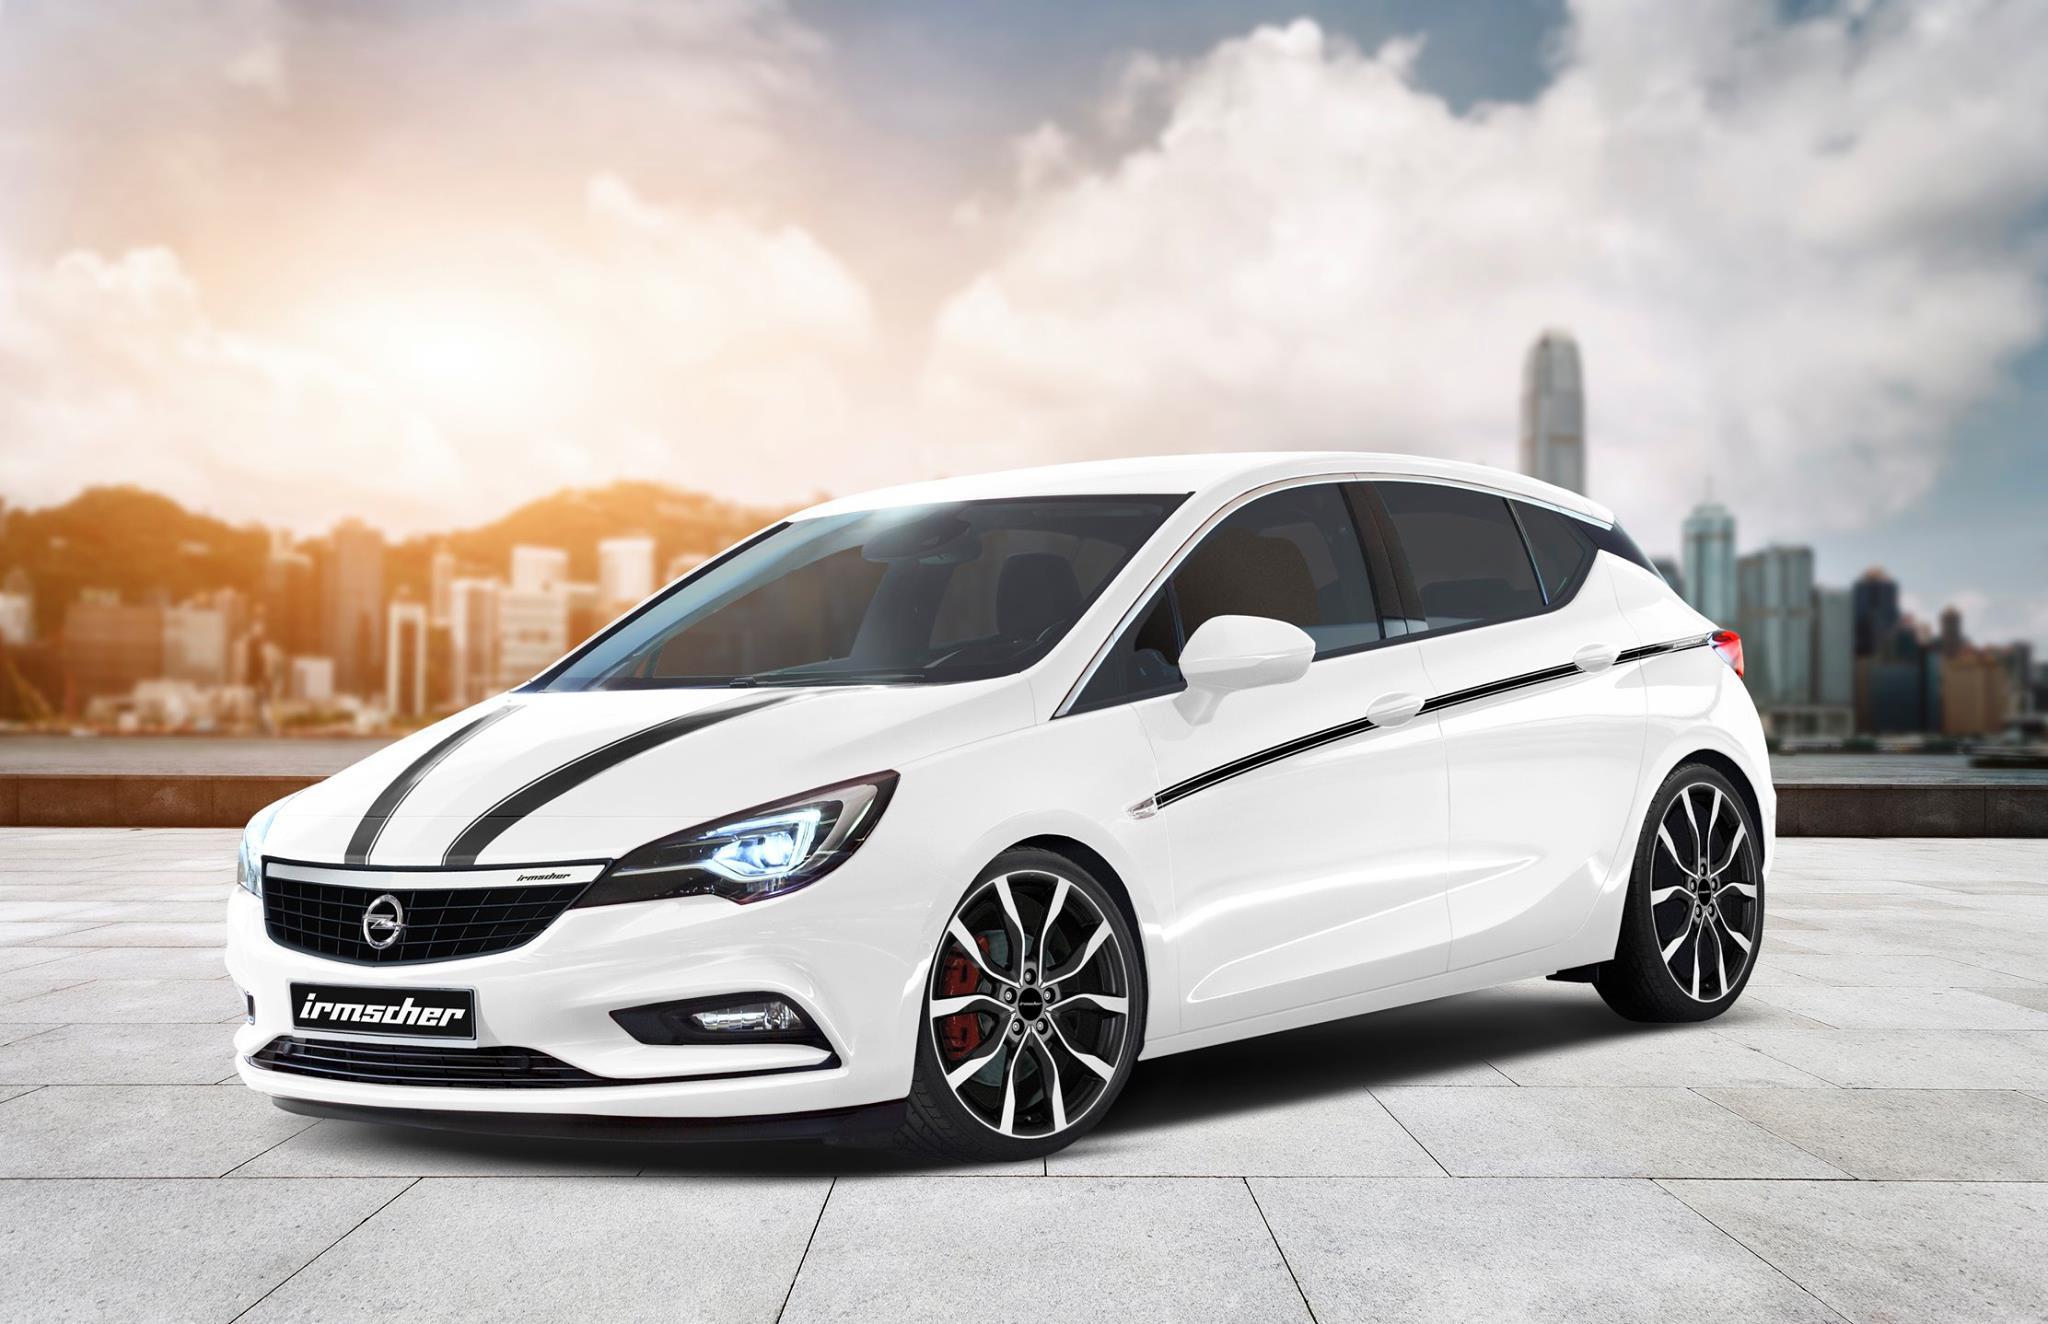 Irmscher 2016 Opel Astra K Modifiye Kiti Yayınlandı - Oto ...